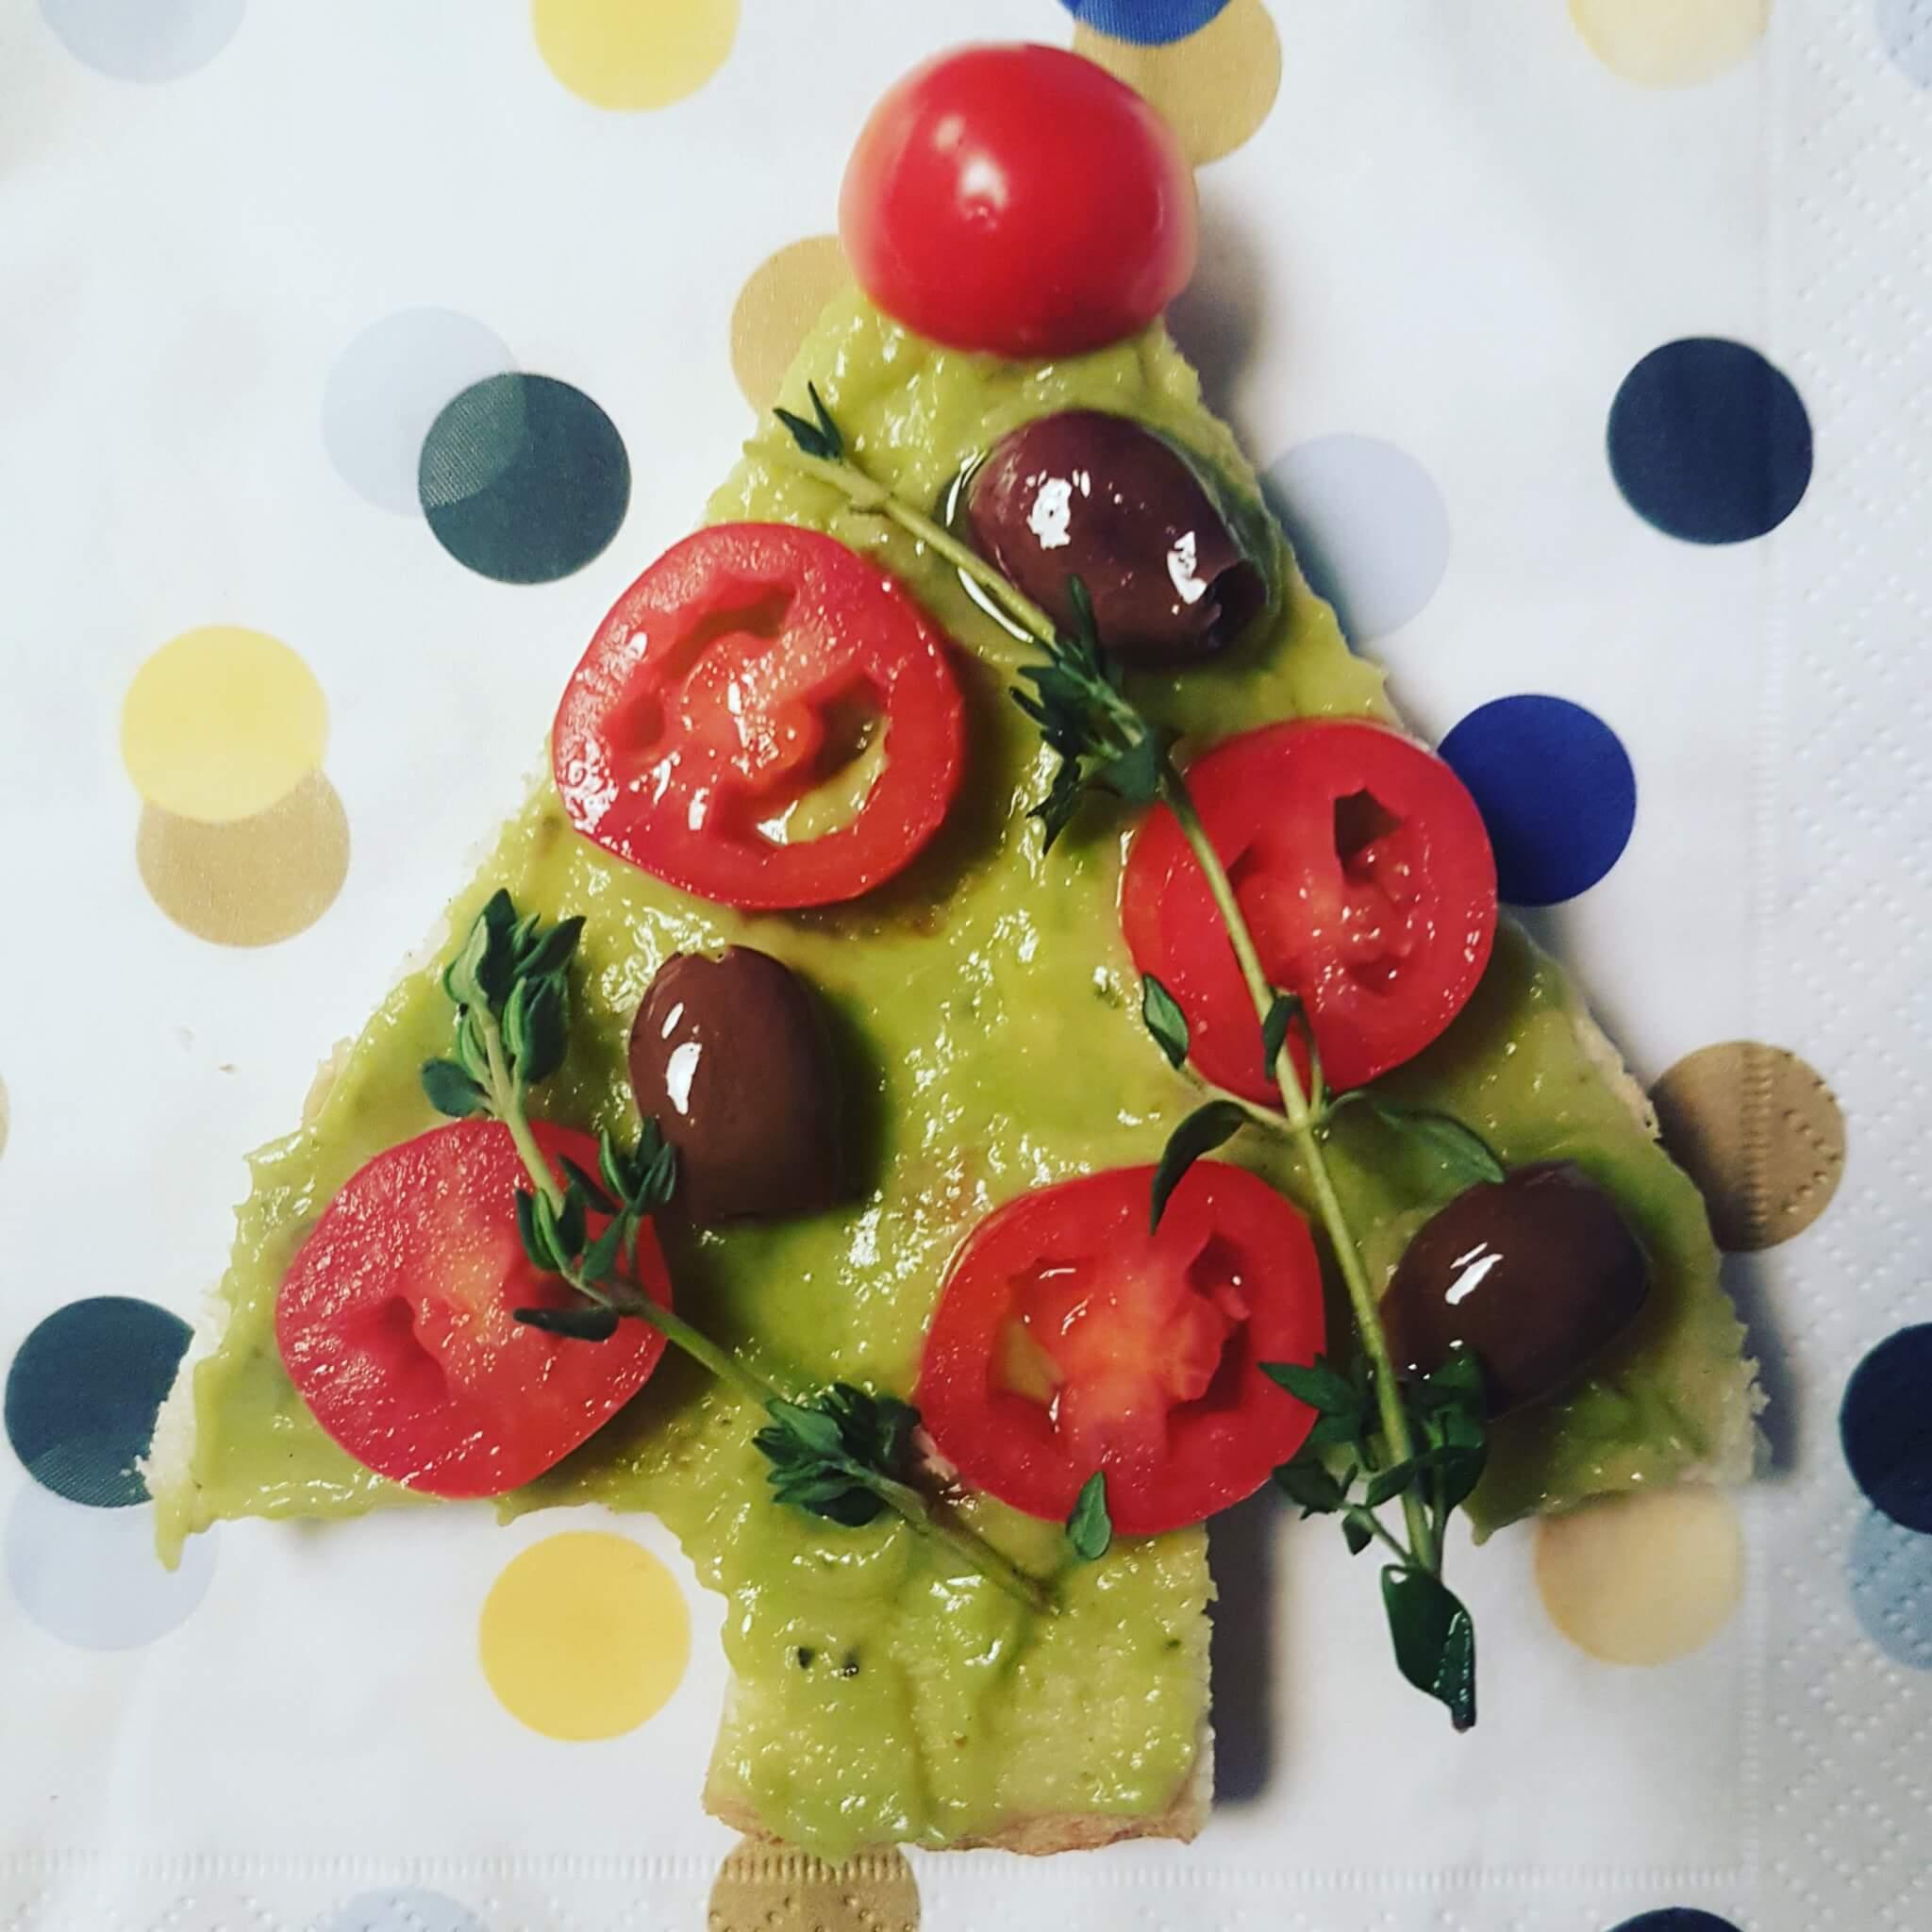 De leukste kindvriendelijke recepten voor kerstdiner en kerstontbijt - op school en thuis - kerstboom gemaakt van brood, guacamole en tomaat